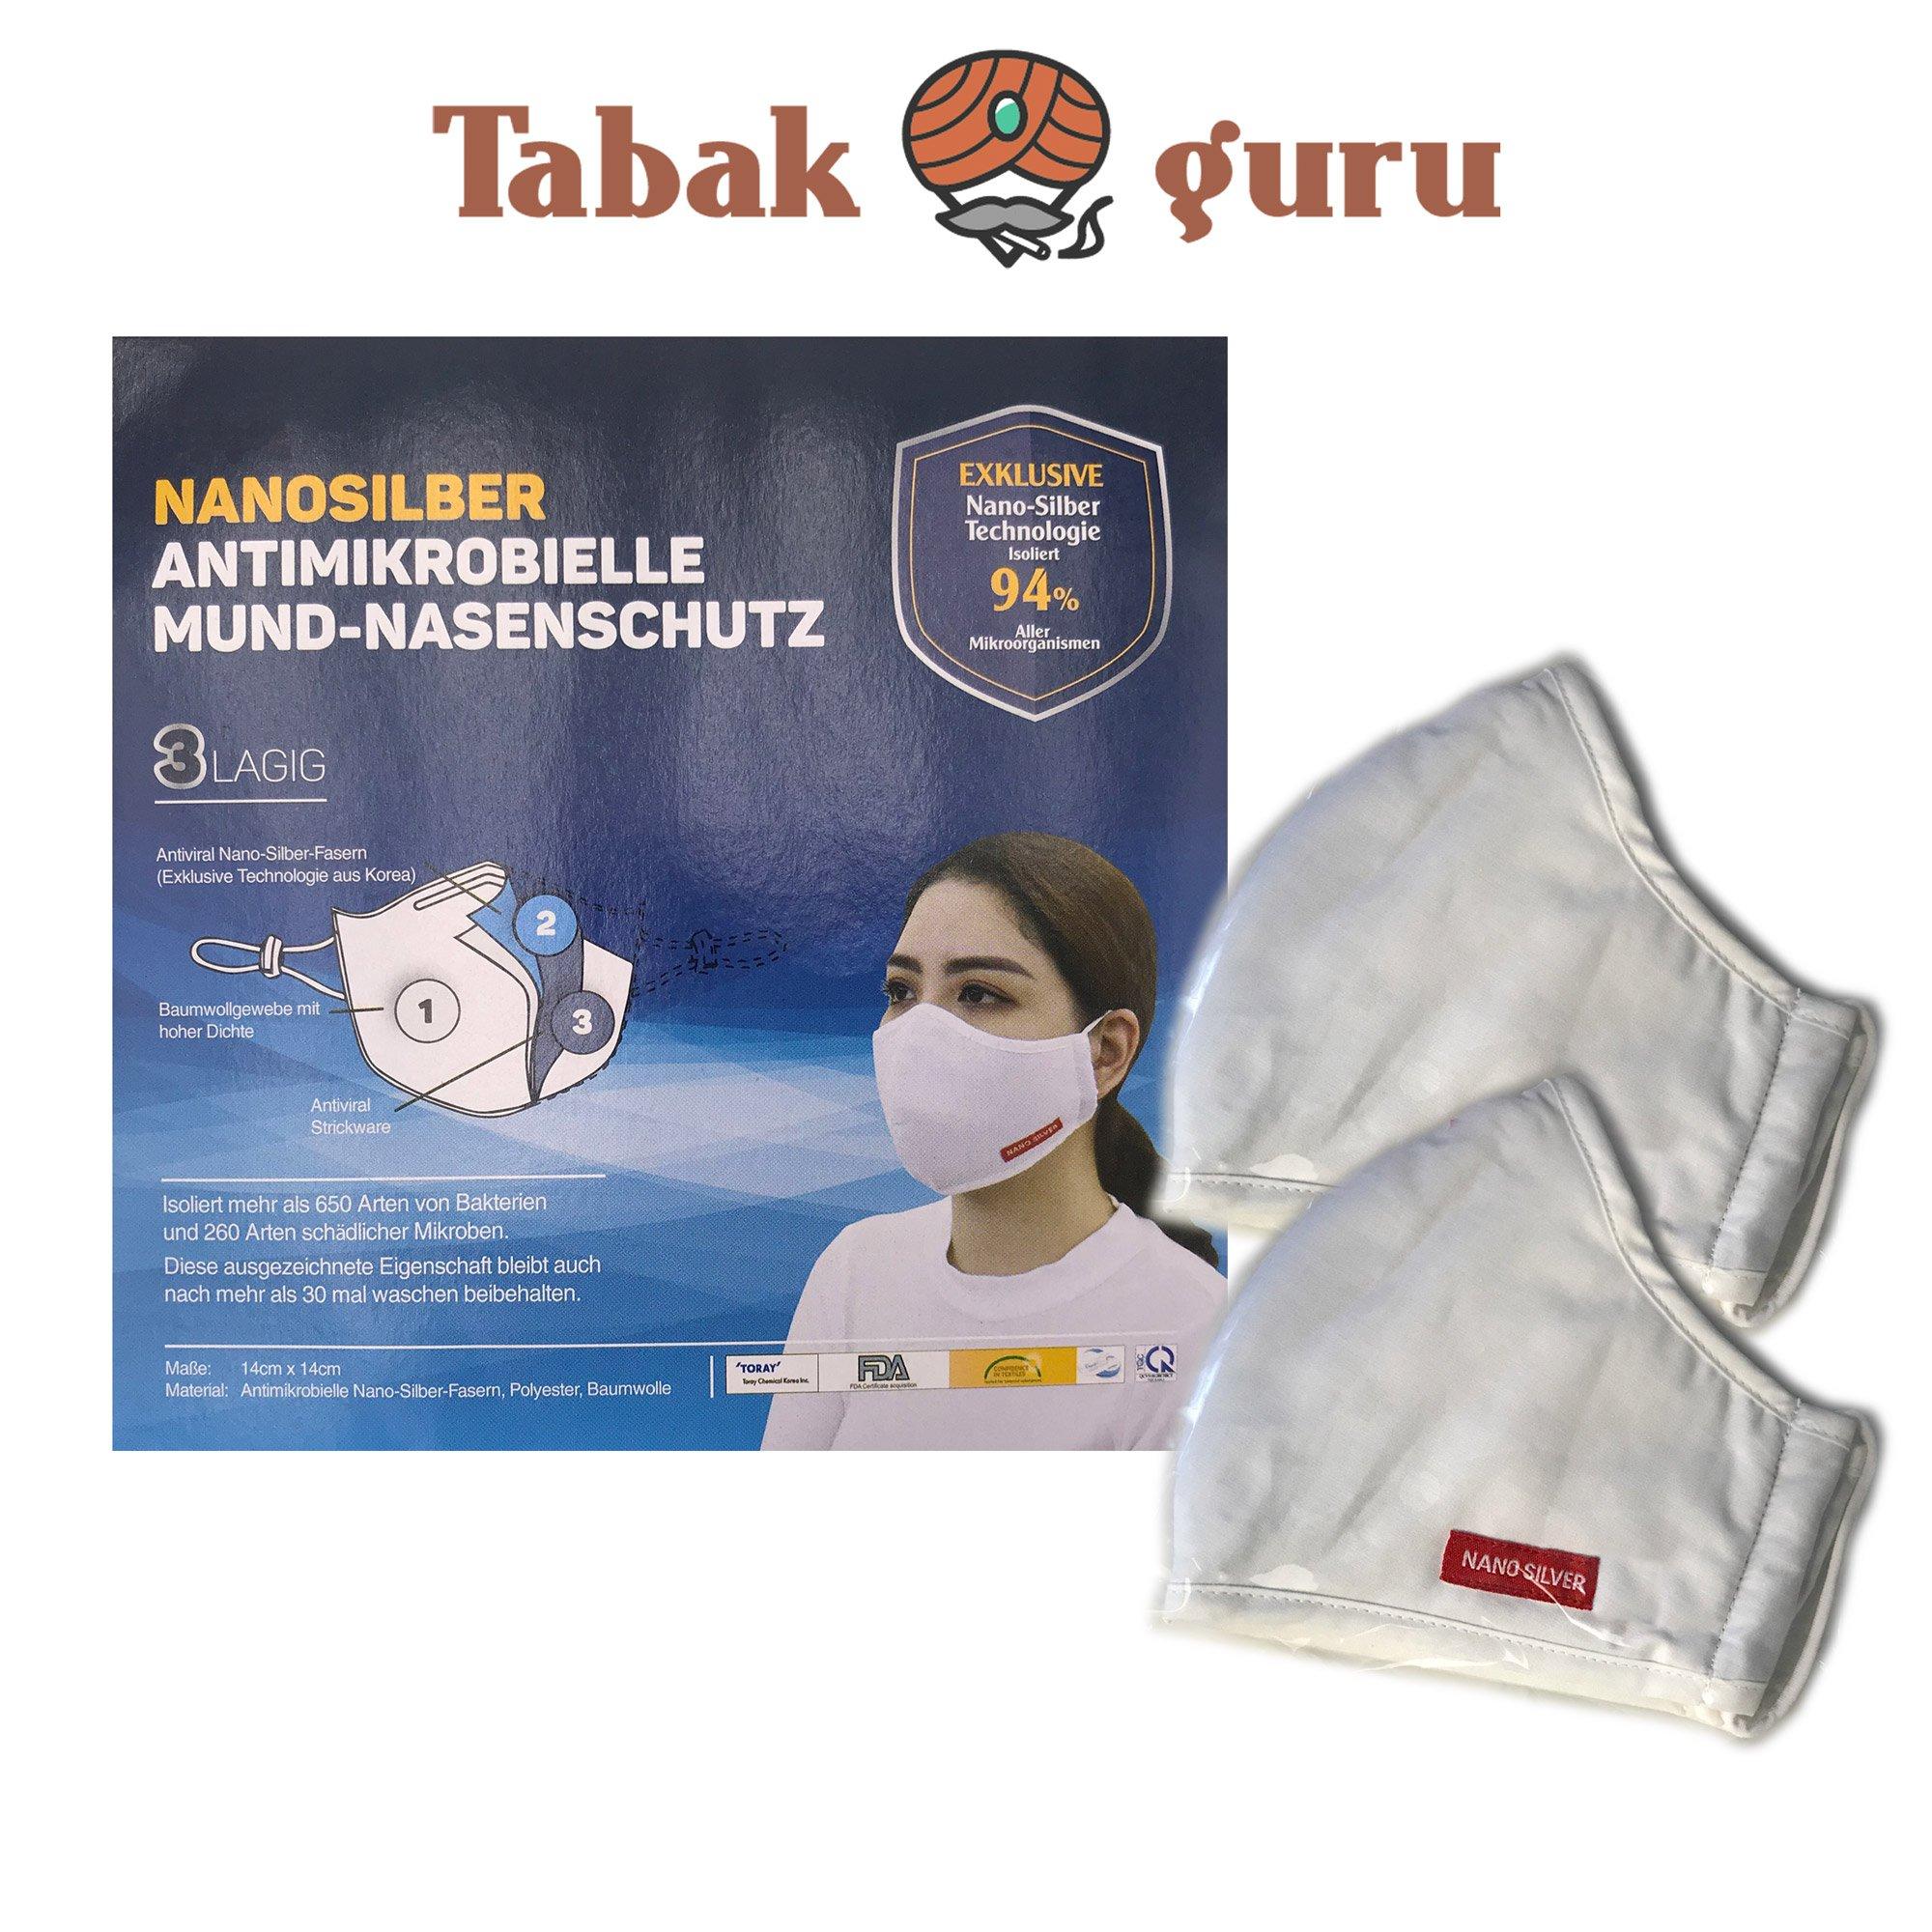 2 x Atemschutzmaske waschbar, Mund-Nasenschutz, Nanosilber, Antimikrobiell, 3lagig, waschbar